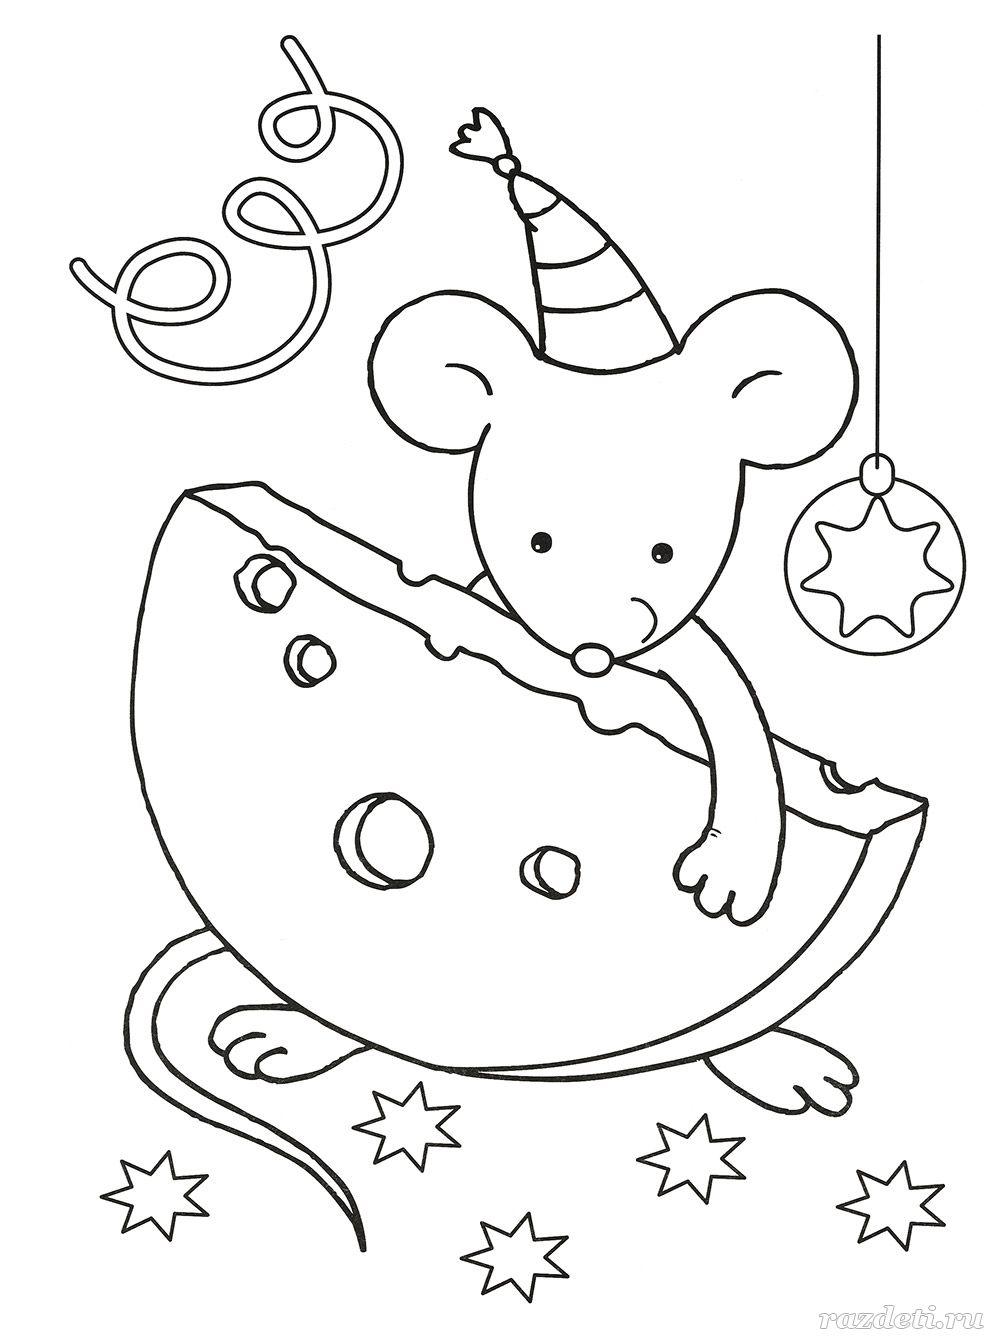 Новогодние раскраски для детей 4-6 лет распечатать